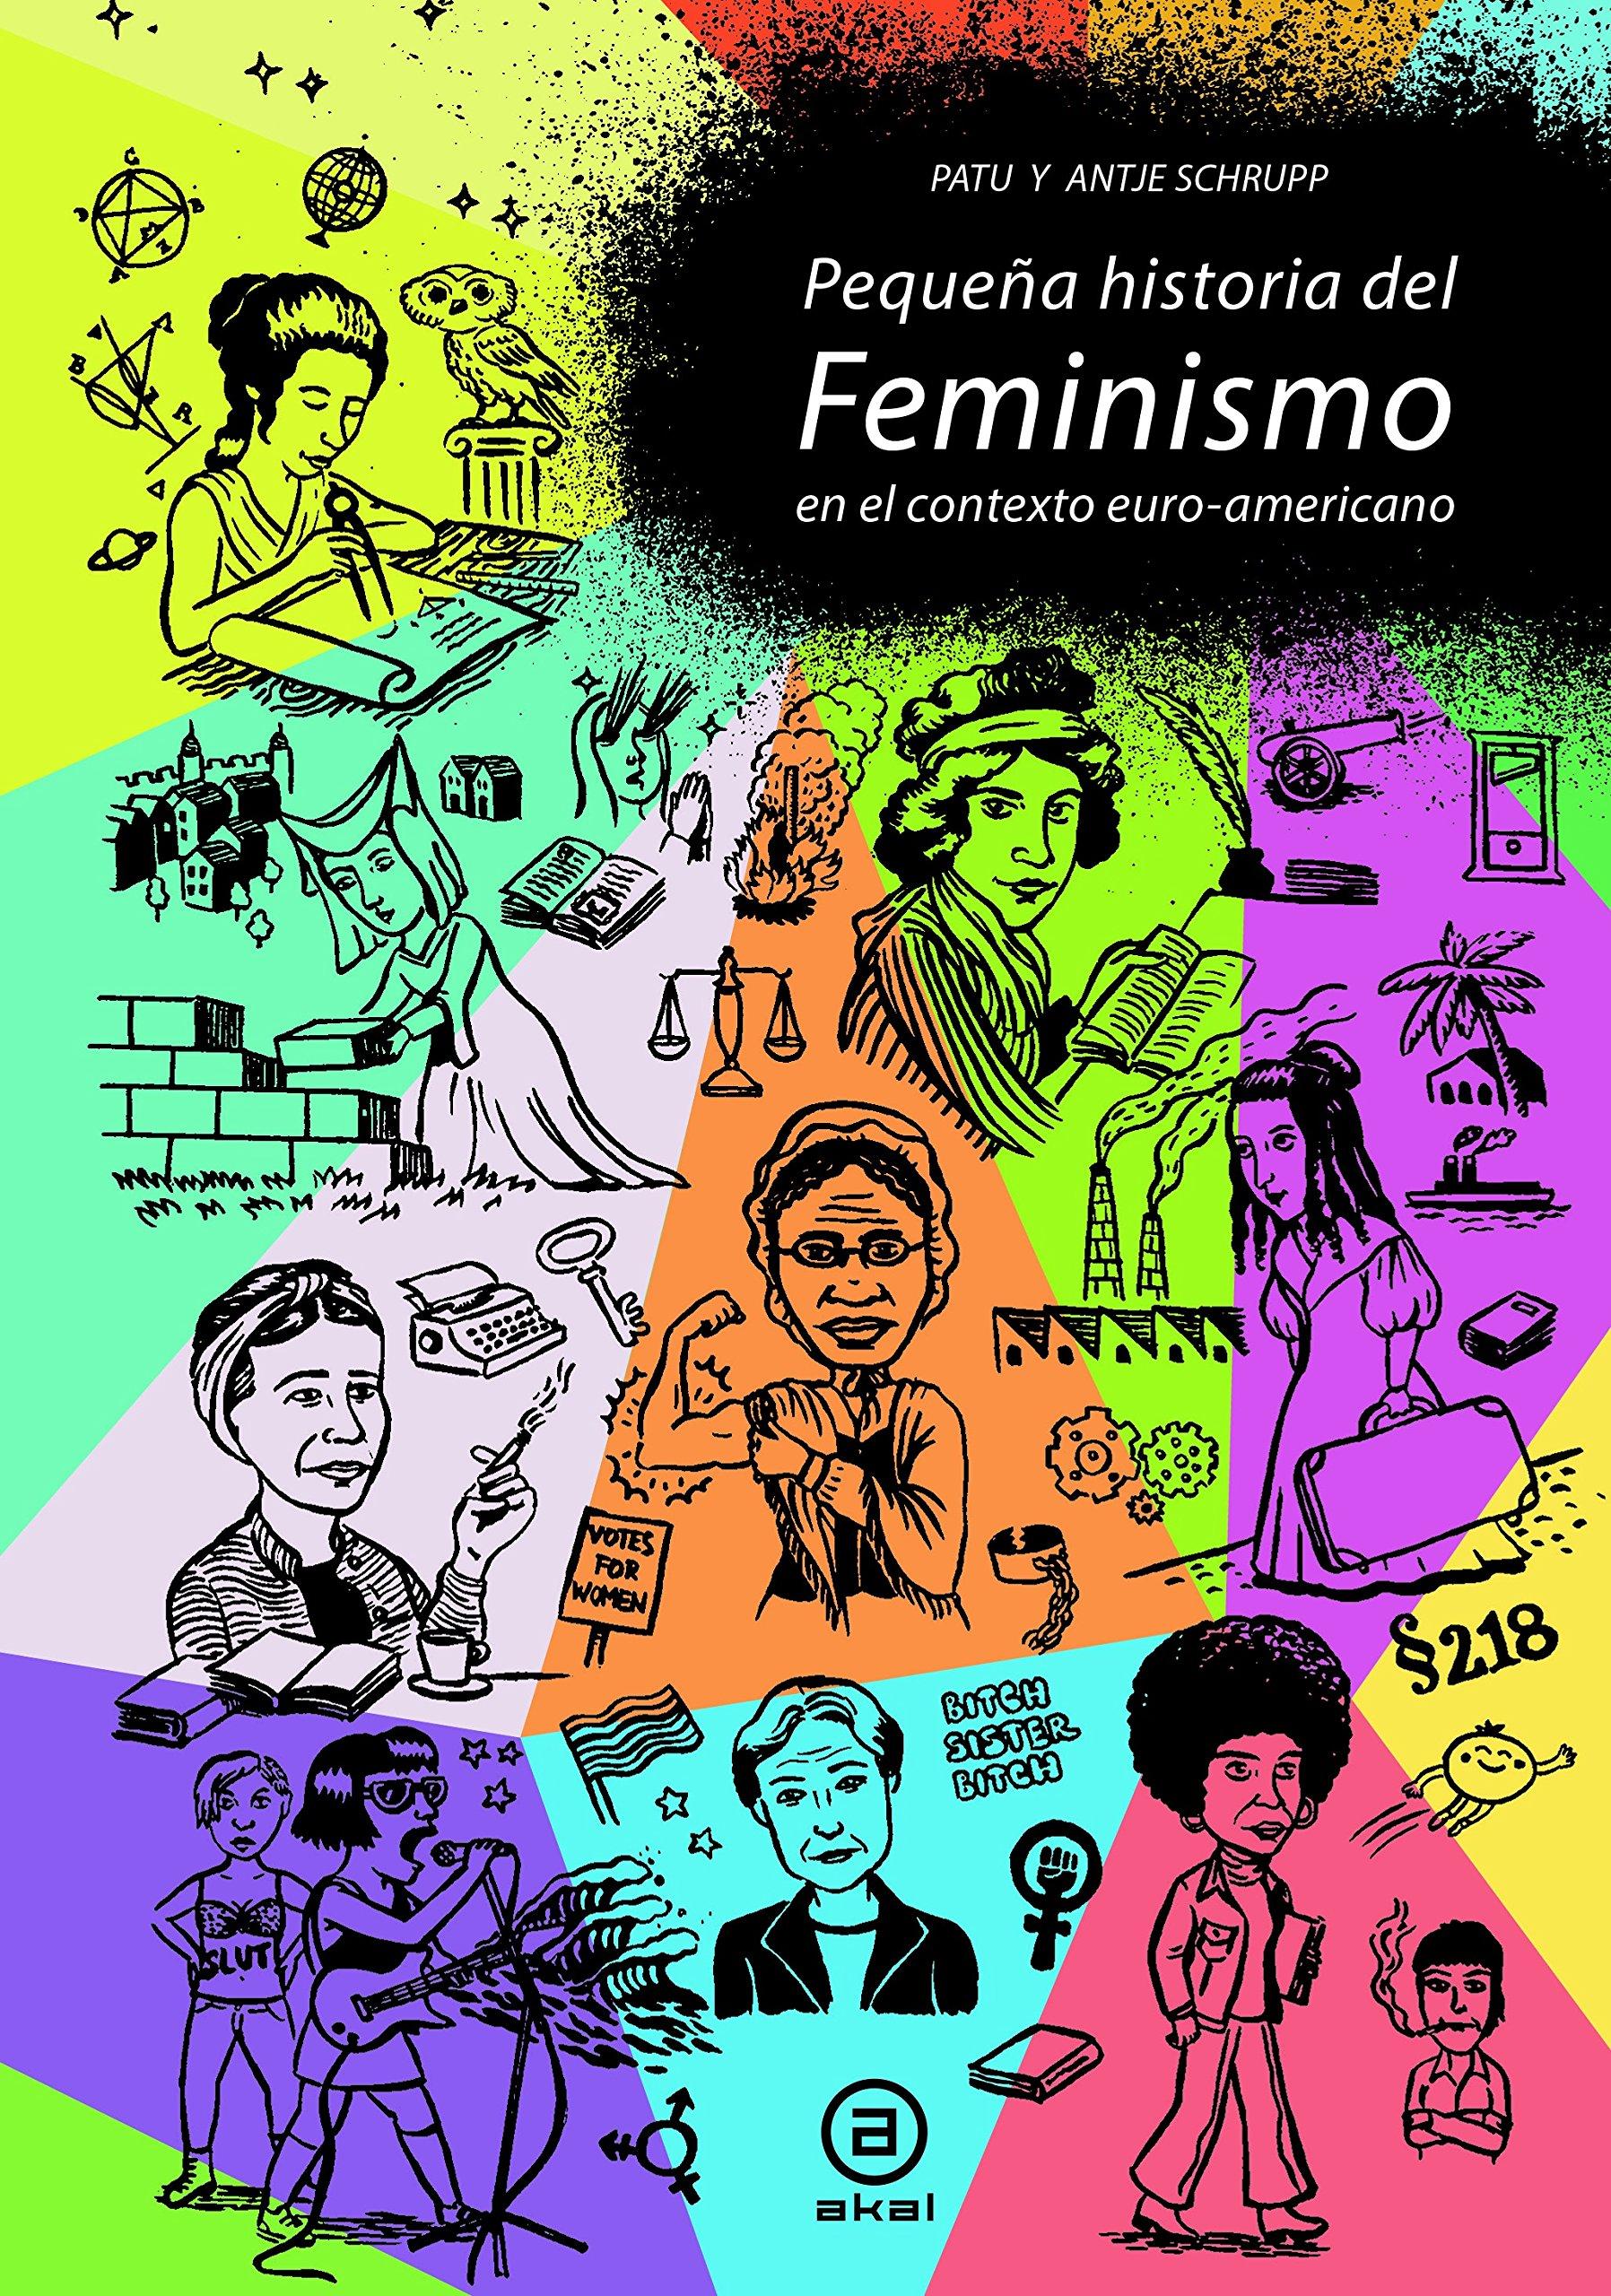 Pequeña historia del feminismo: en el contexto euro-norteamericano: 3 La Palabra Ilustrada: Amazon.es: Schrupp, Antje, Espino Nuño, Jesús: Libros